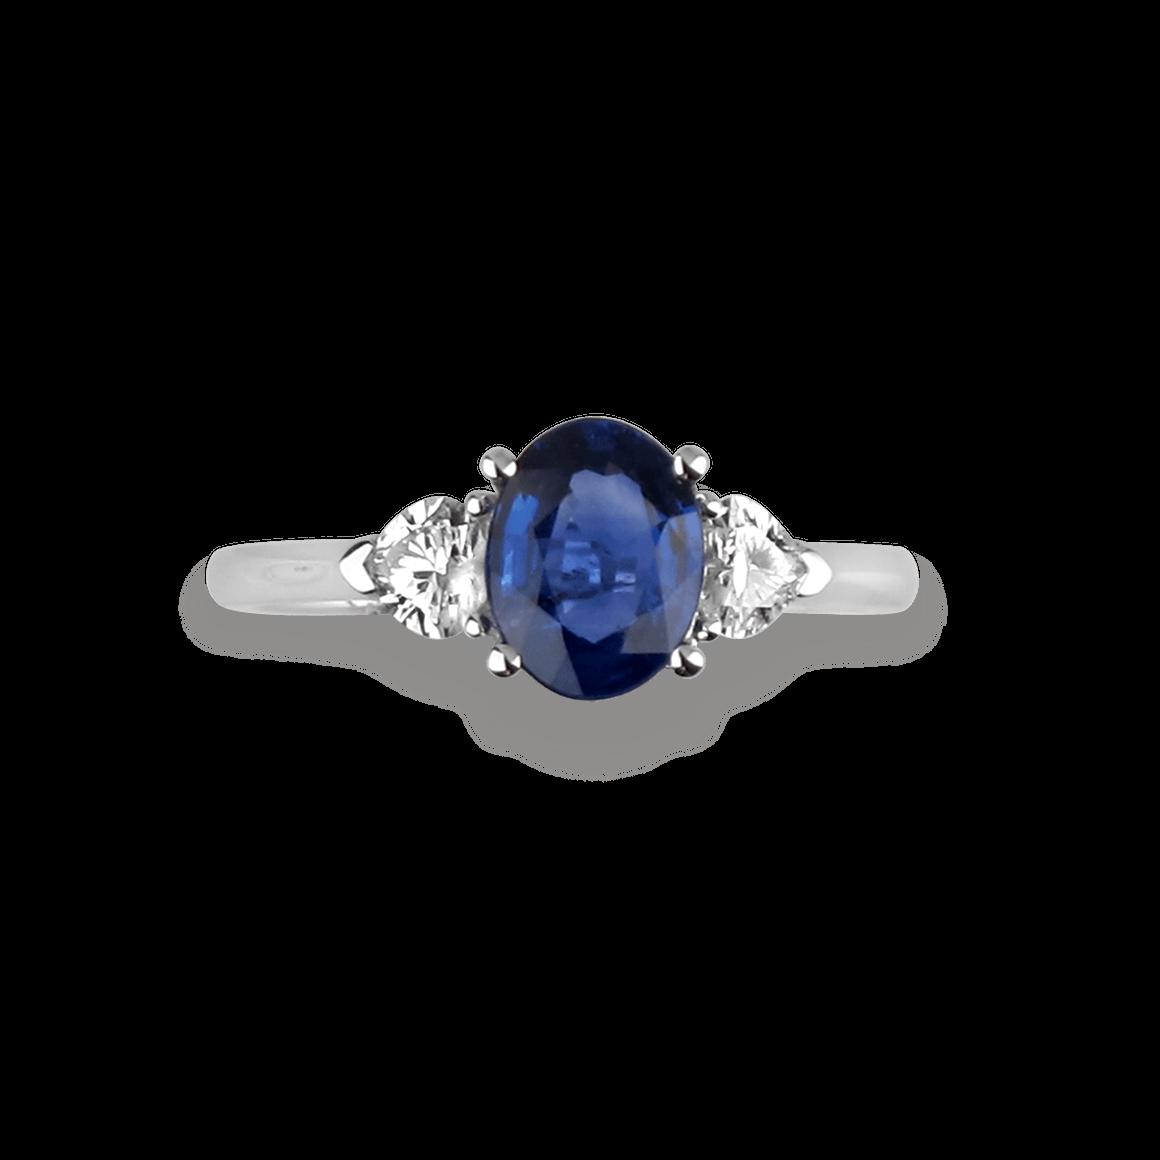 7x5mm naturel bleu zircon Bague blanc avec zircon en argent sterling 925